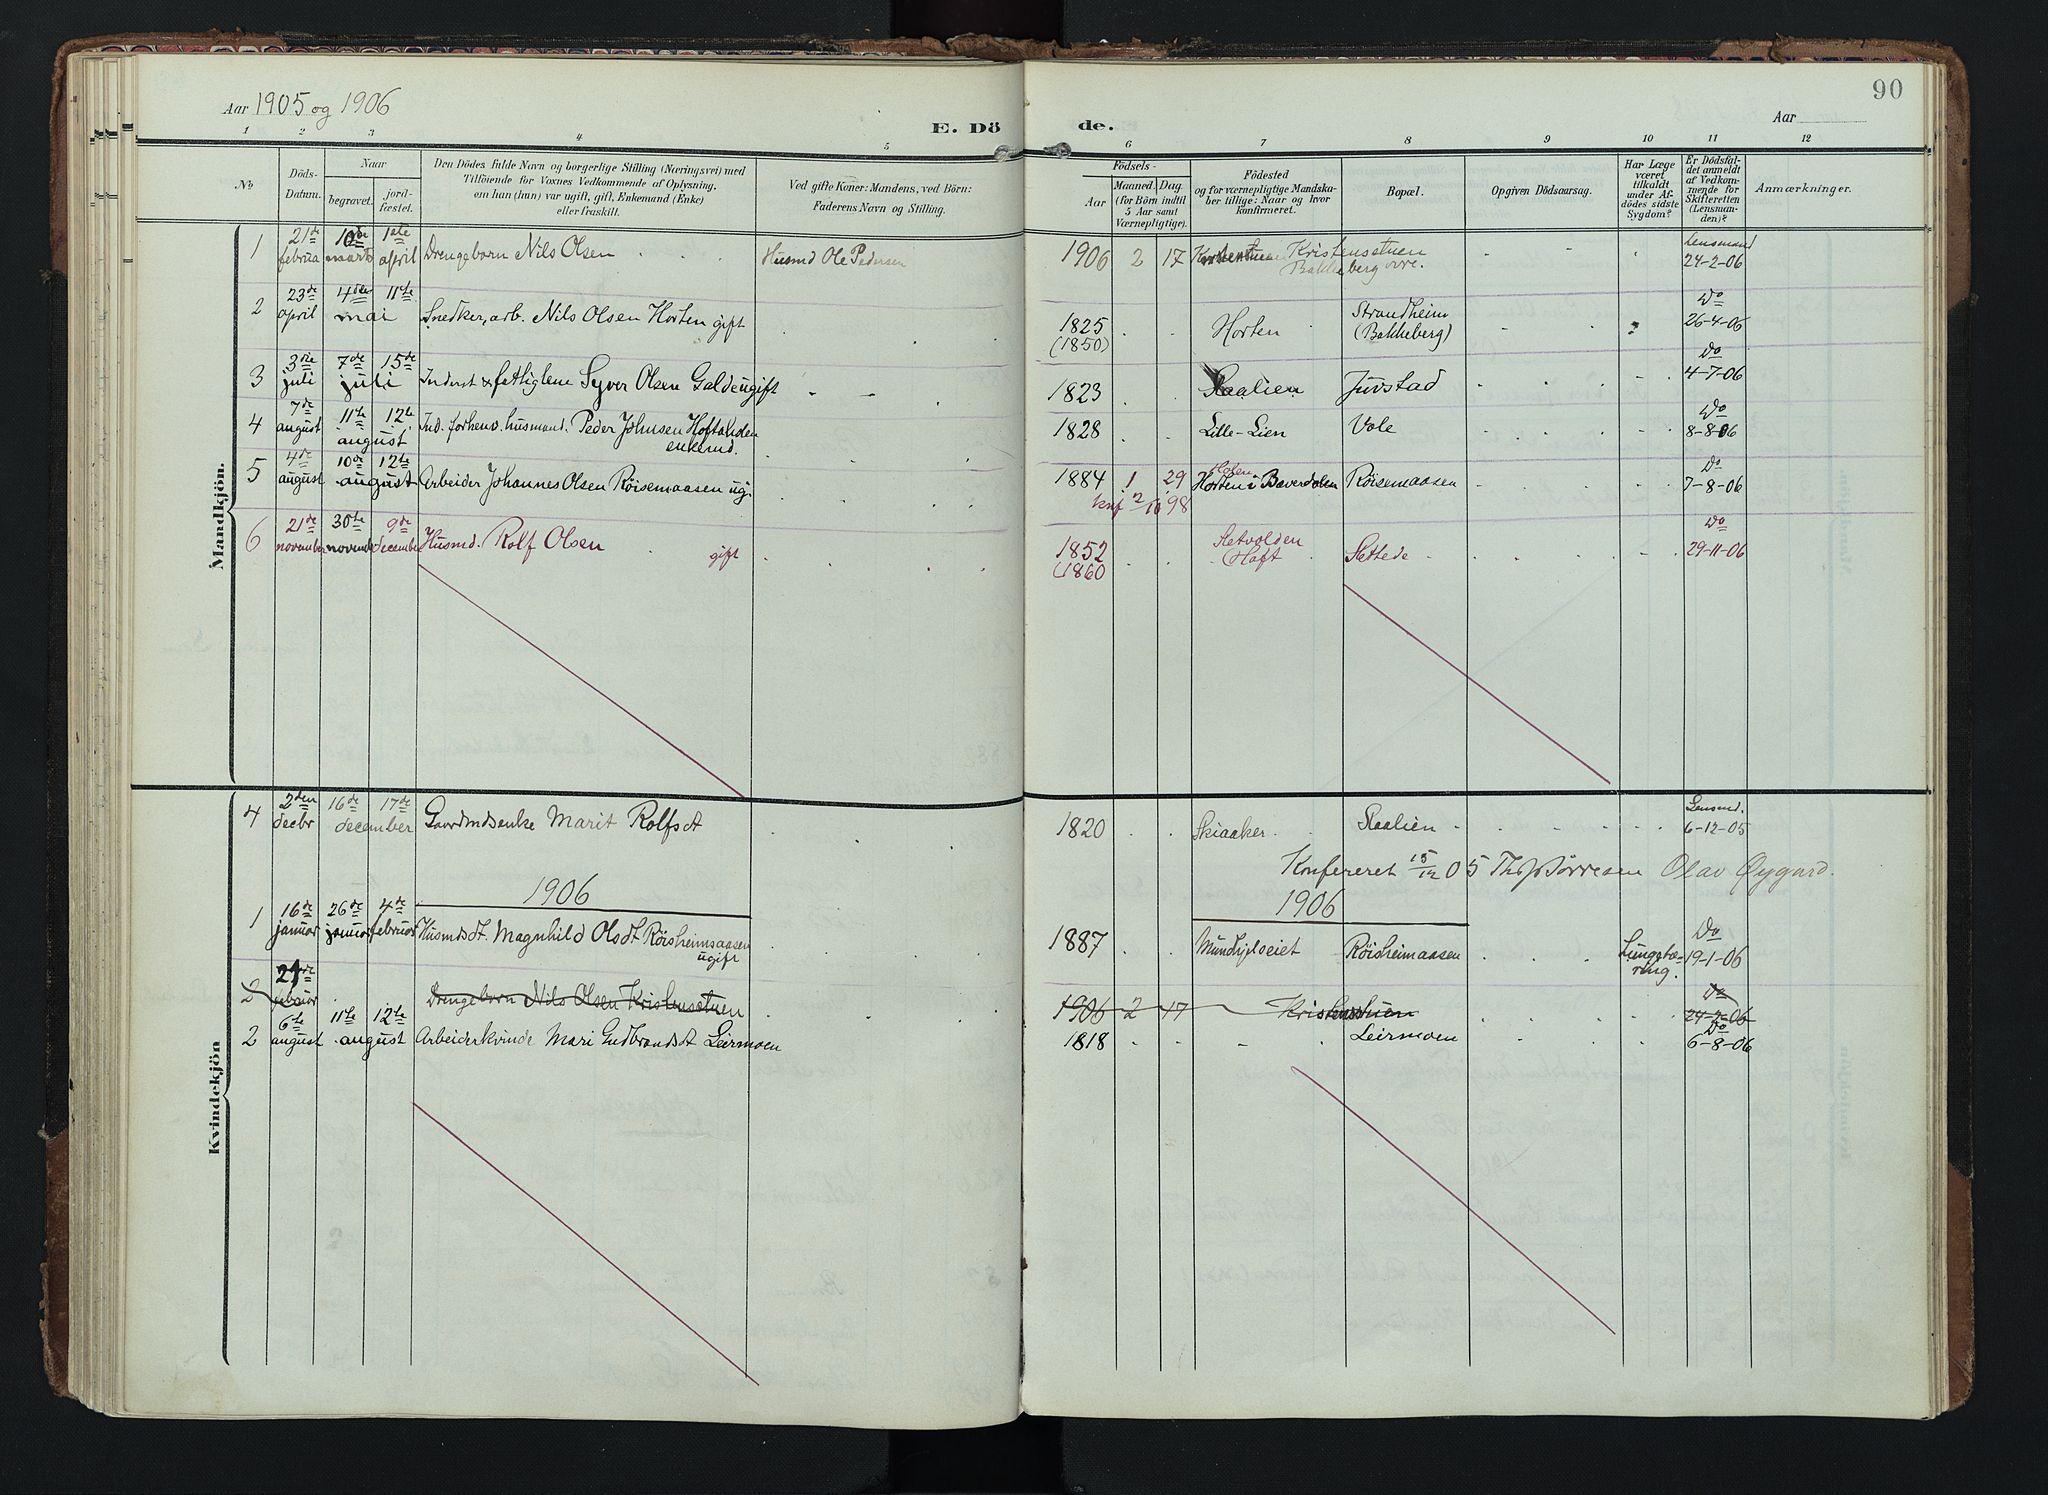 SAH, Lom prestekontor, K/L0012: Ministerialbok nr. 12, 1904-1928, s. 90